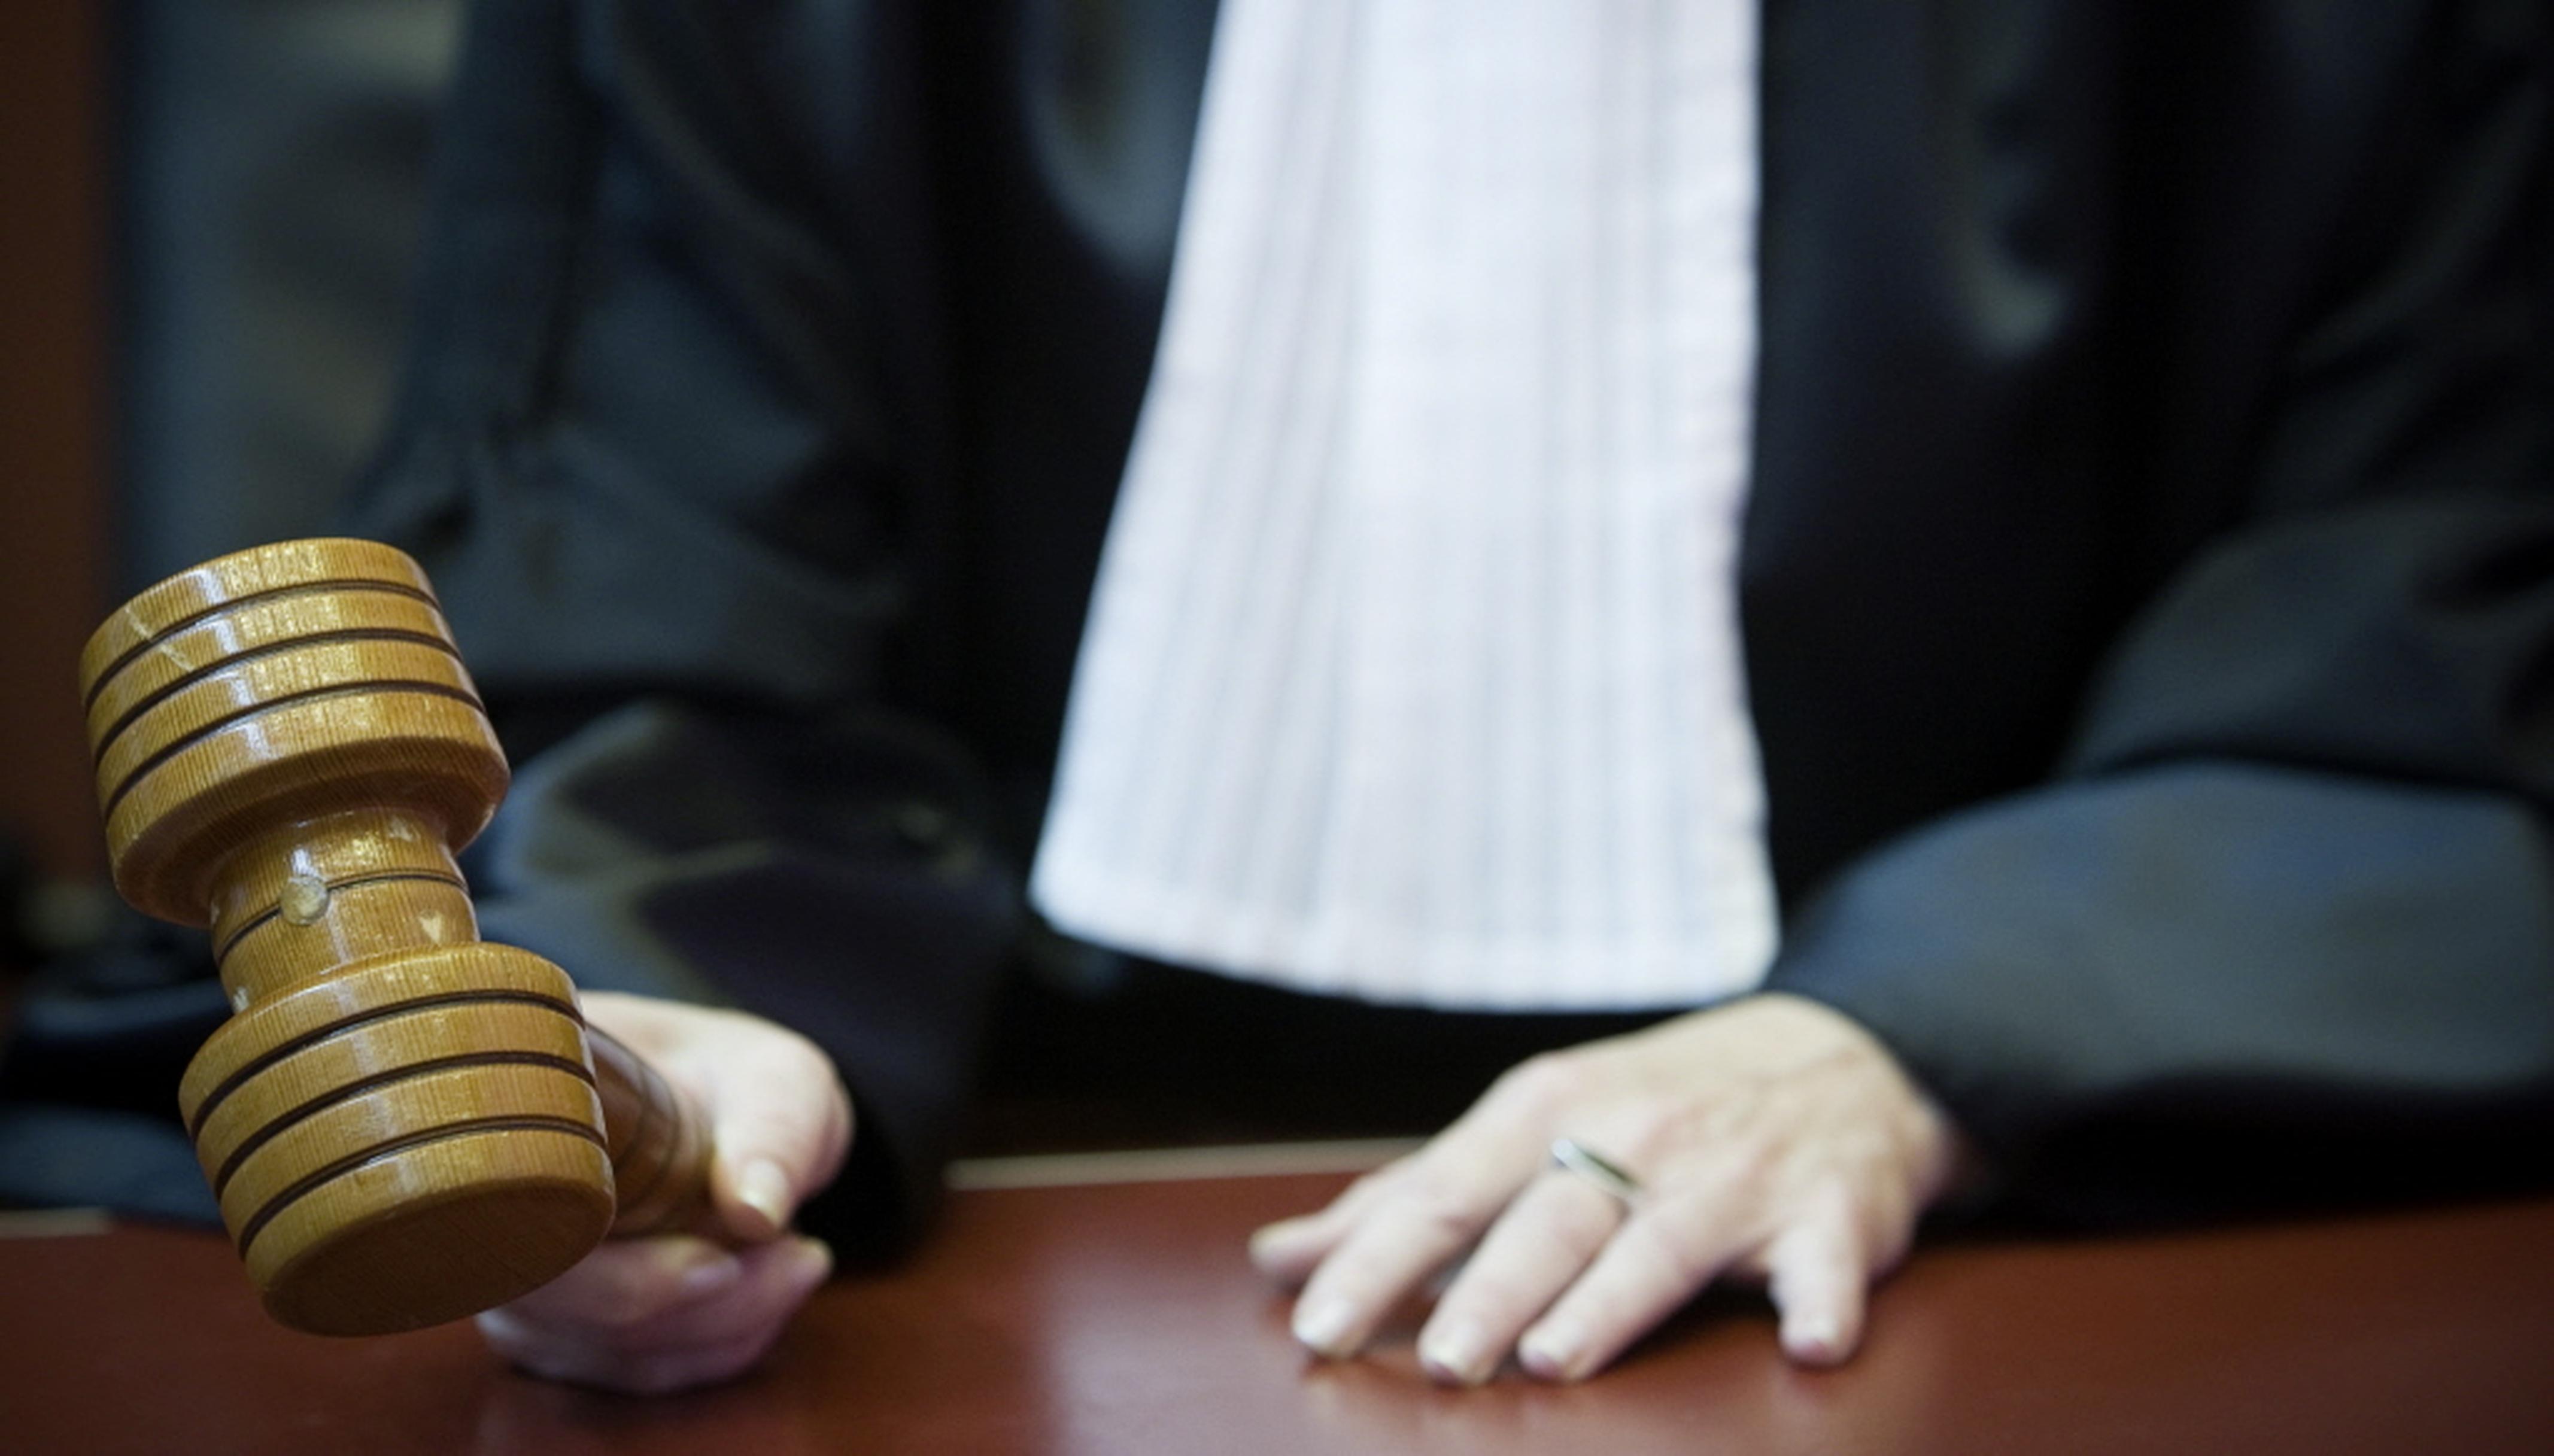 Bunschoter (34) nu verdacht van seksueel misbruik zeven kinderen